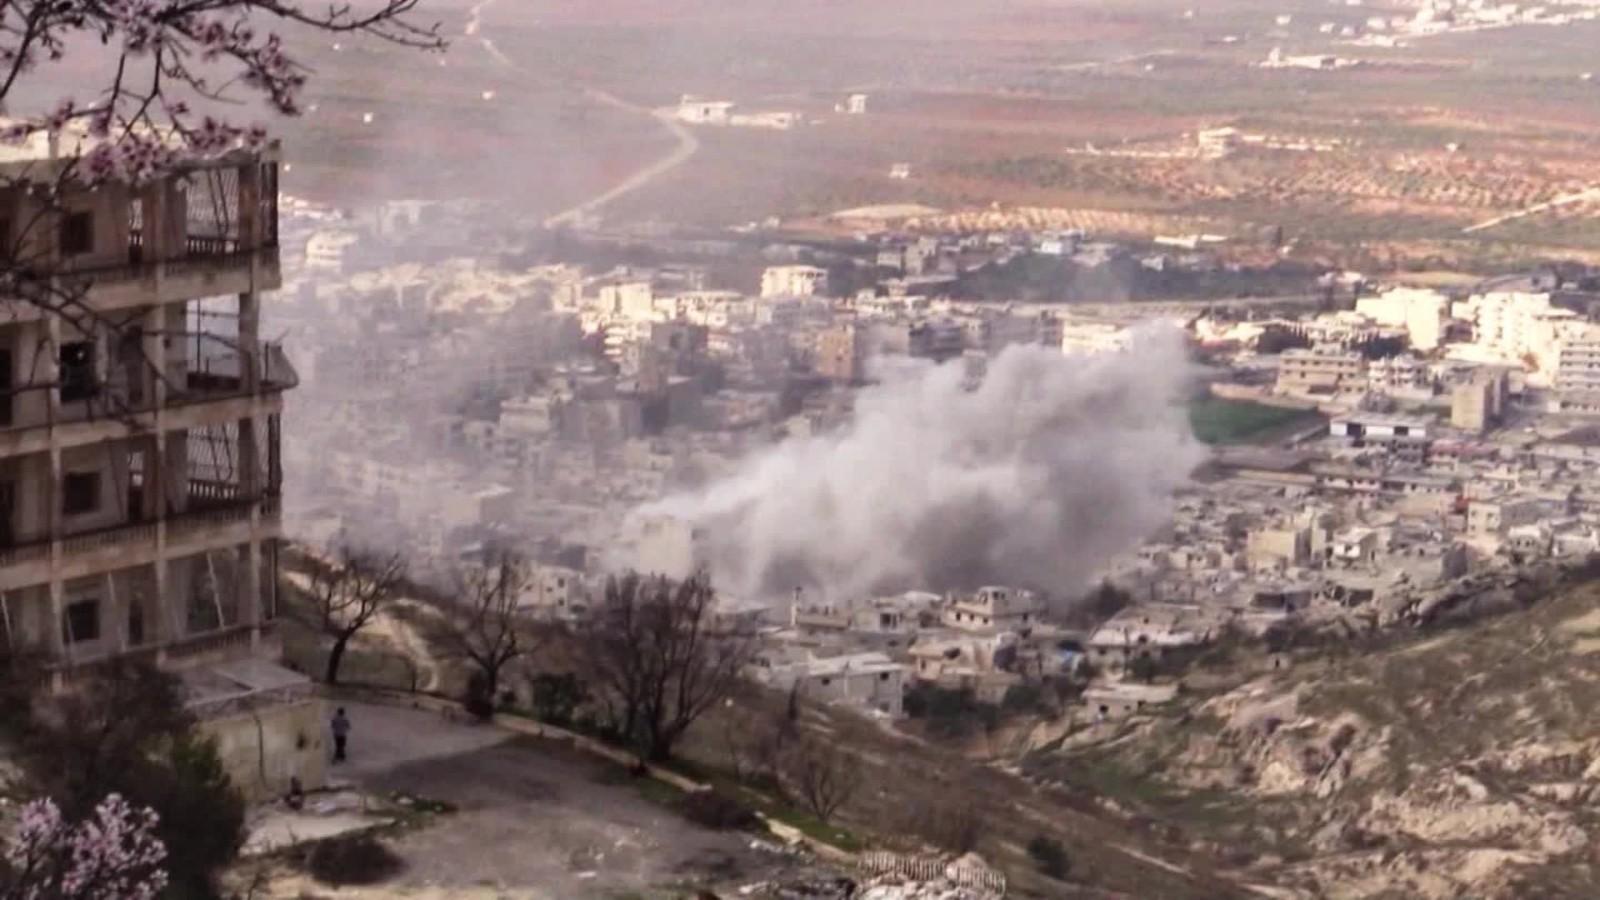 آمریکا خواستار پایبندی همه طرفهای درگیر در جنوب سوریه به آتشبس شد